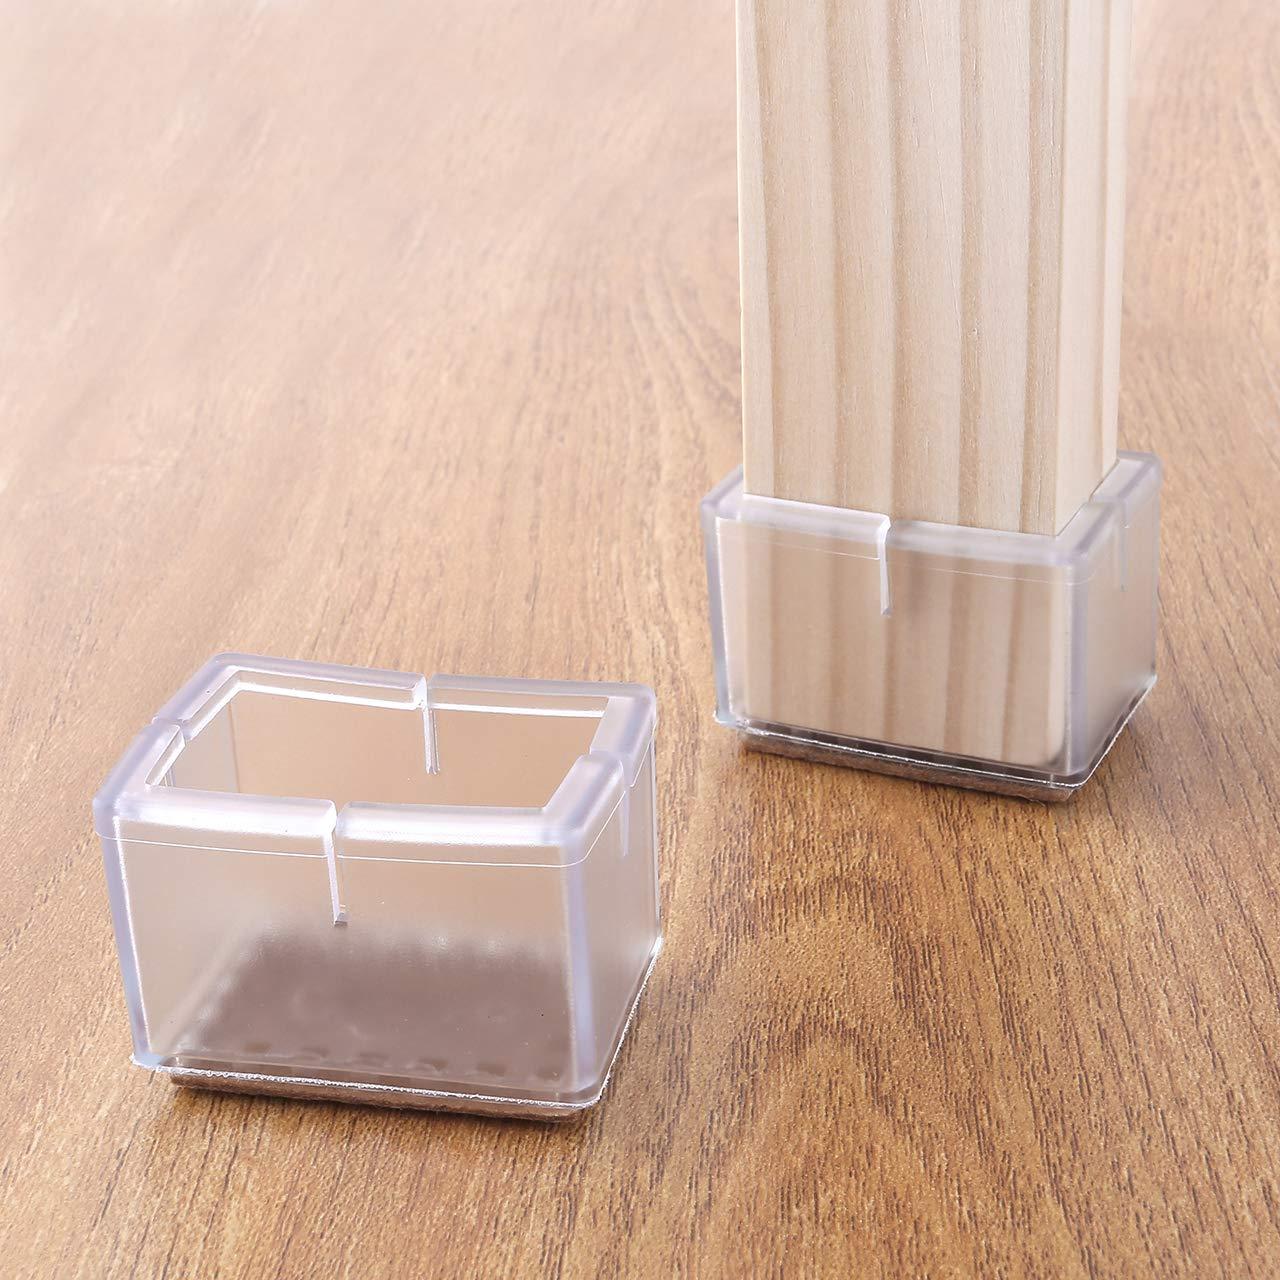 Protecteurs pour pieds de chaise couvertures pour pieds de chaise//fauteuil Mogoko protections de meubles beige 16 PCS